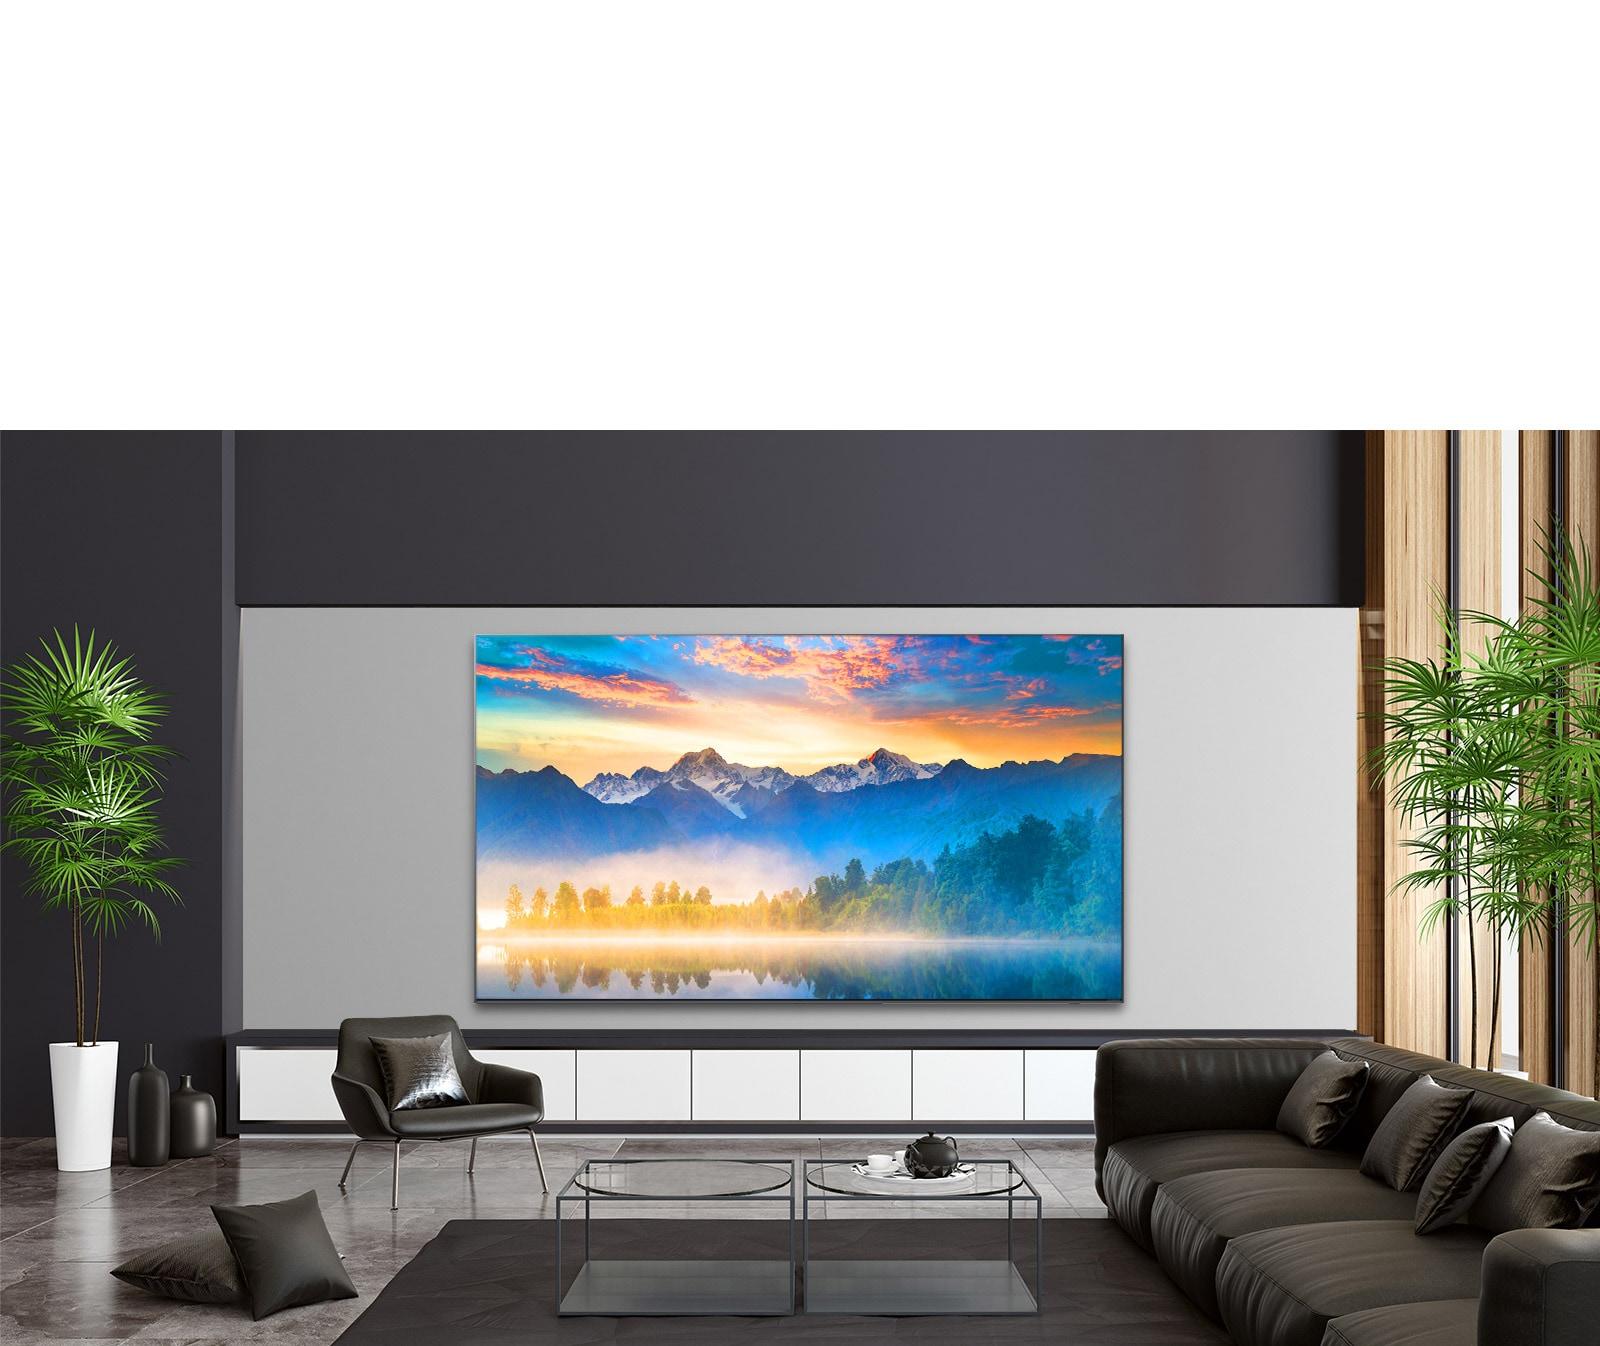 Doğanın göz hizasında bir görünümünü gösteren TV'nin bulunduğu lüks oturma odası